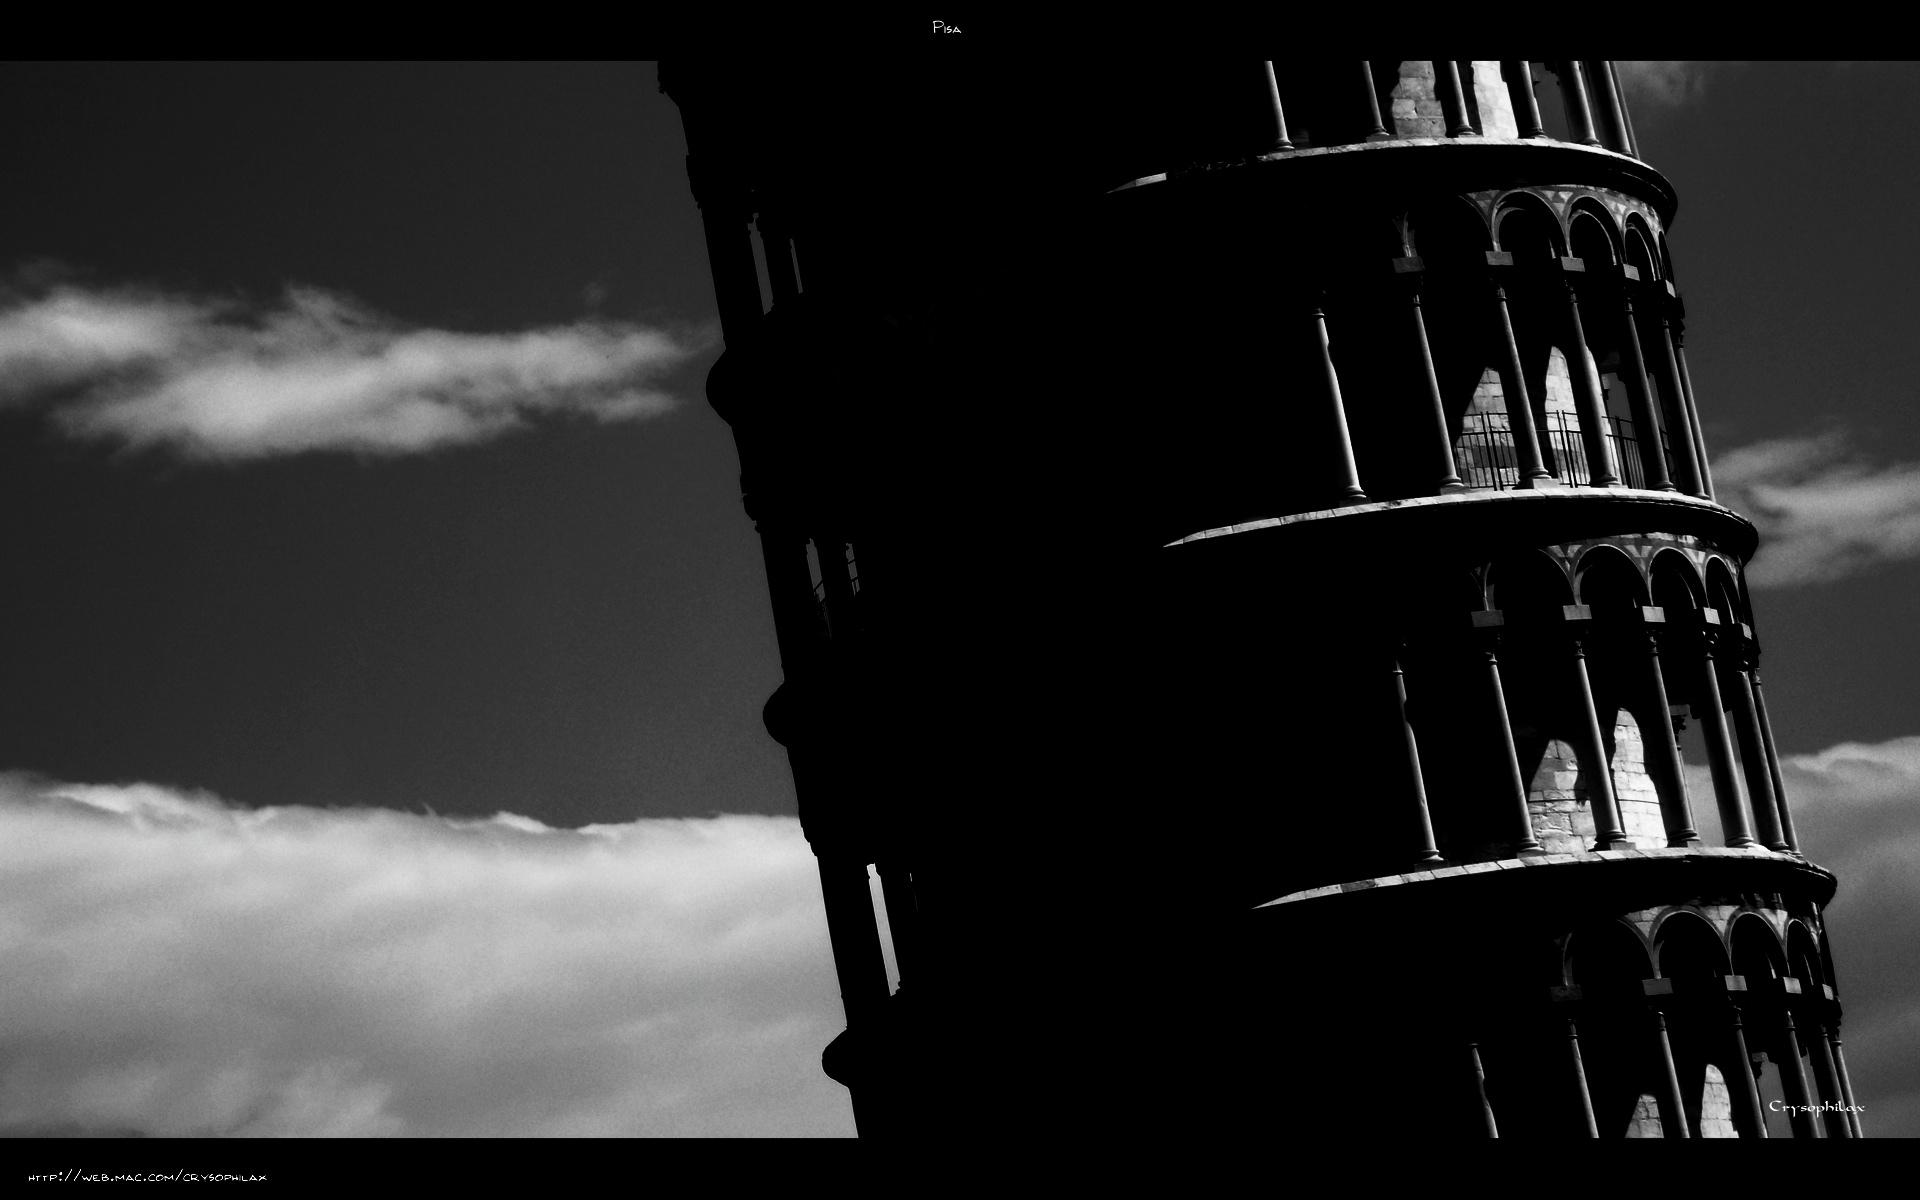 عکس های دیدنی از مکان های تاریخی و معماری ایتالیا